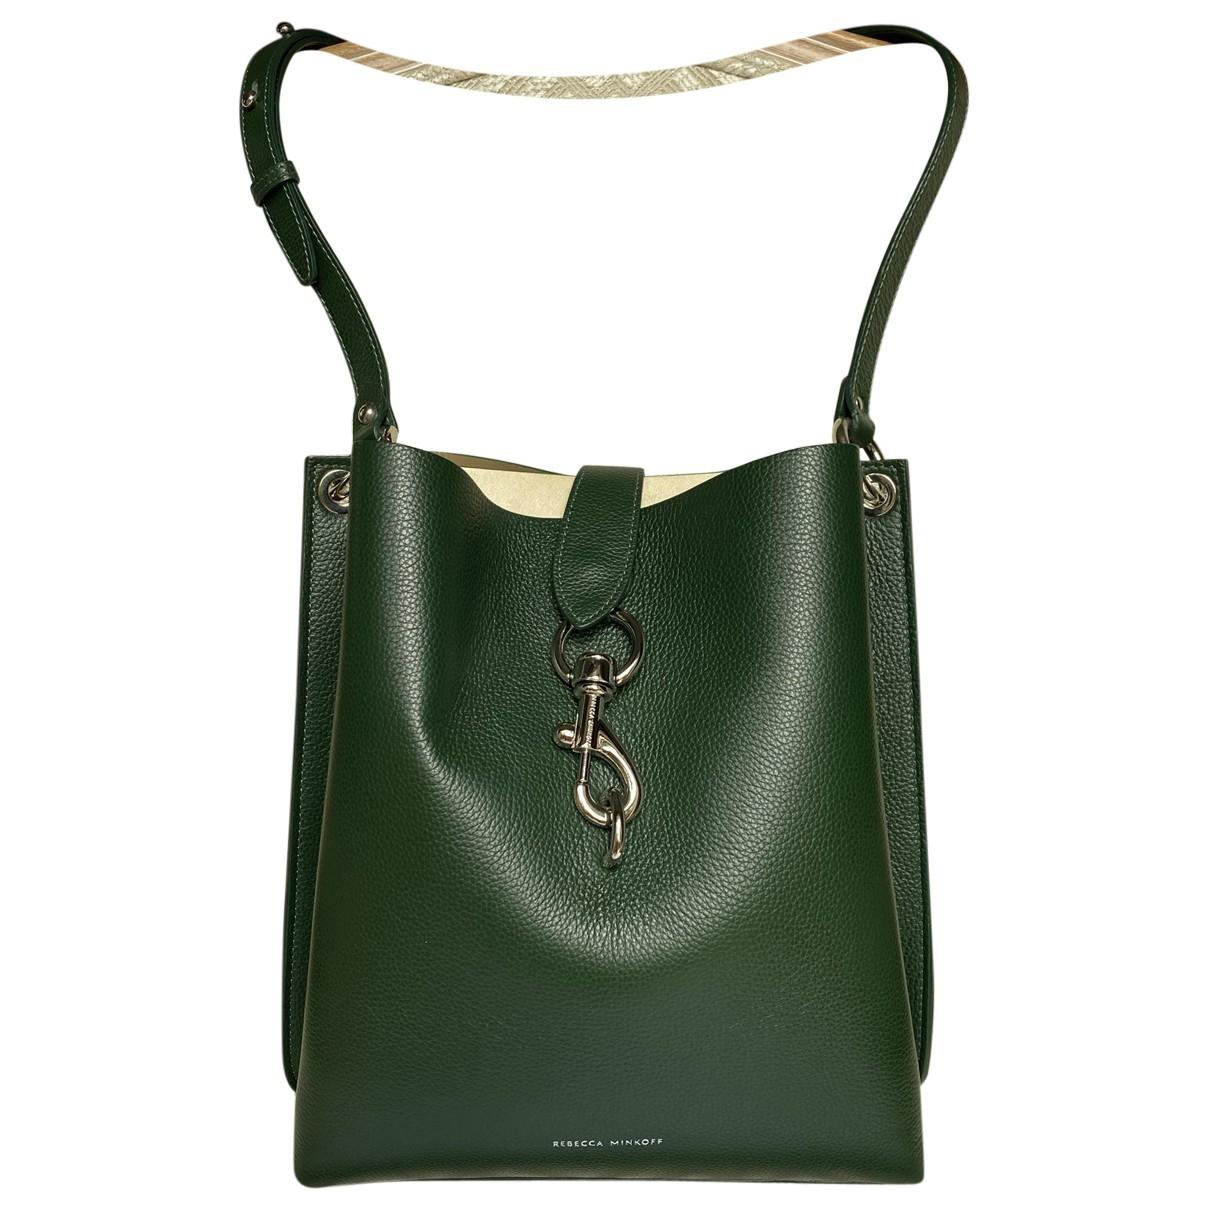 Rebecca Minkoff \N Green Leather handbag for Women \N